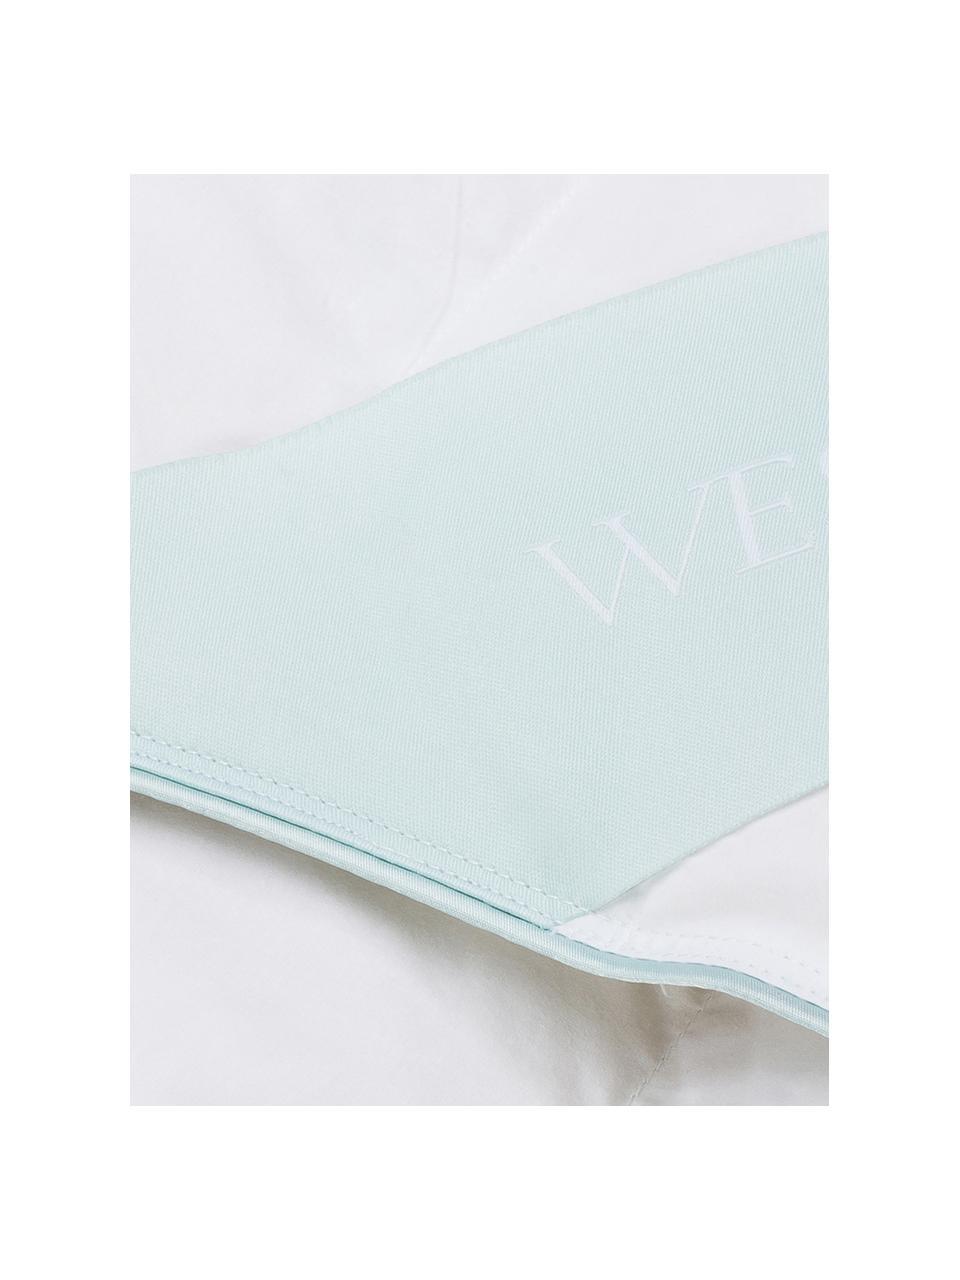 Piumino in piuma d'oca Comfort, extra leggero, Rivestimento: 100% cotone, pregiata cop, Bianco con fascia di stoffa in raso turchese, Larg. 155 x Lung. 200 cm